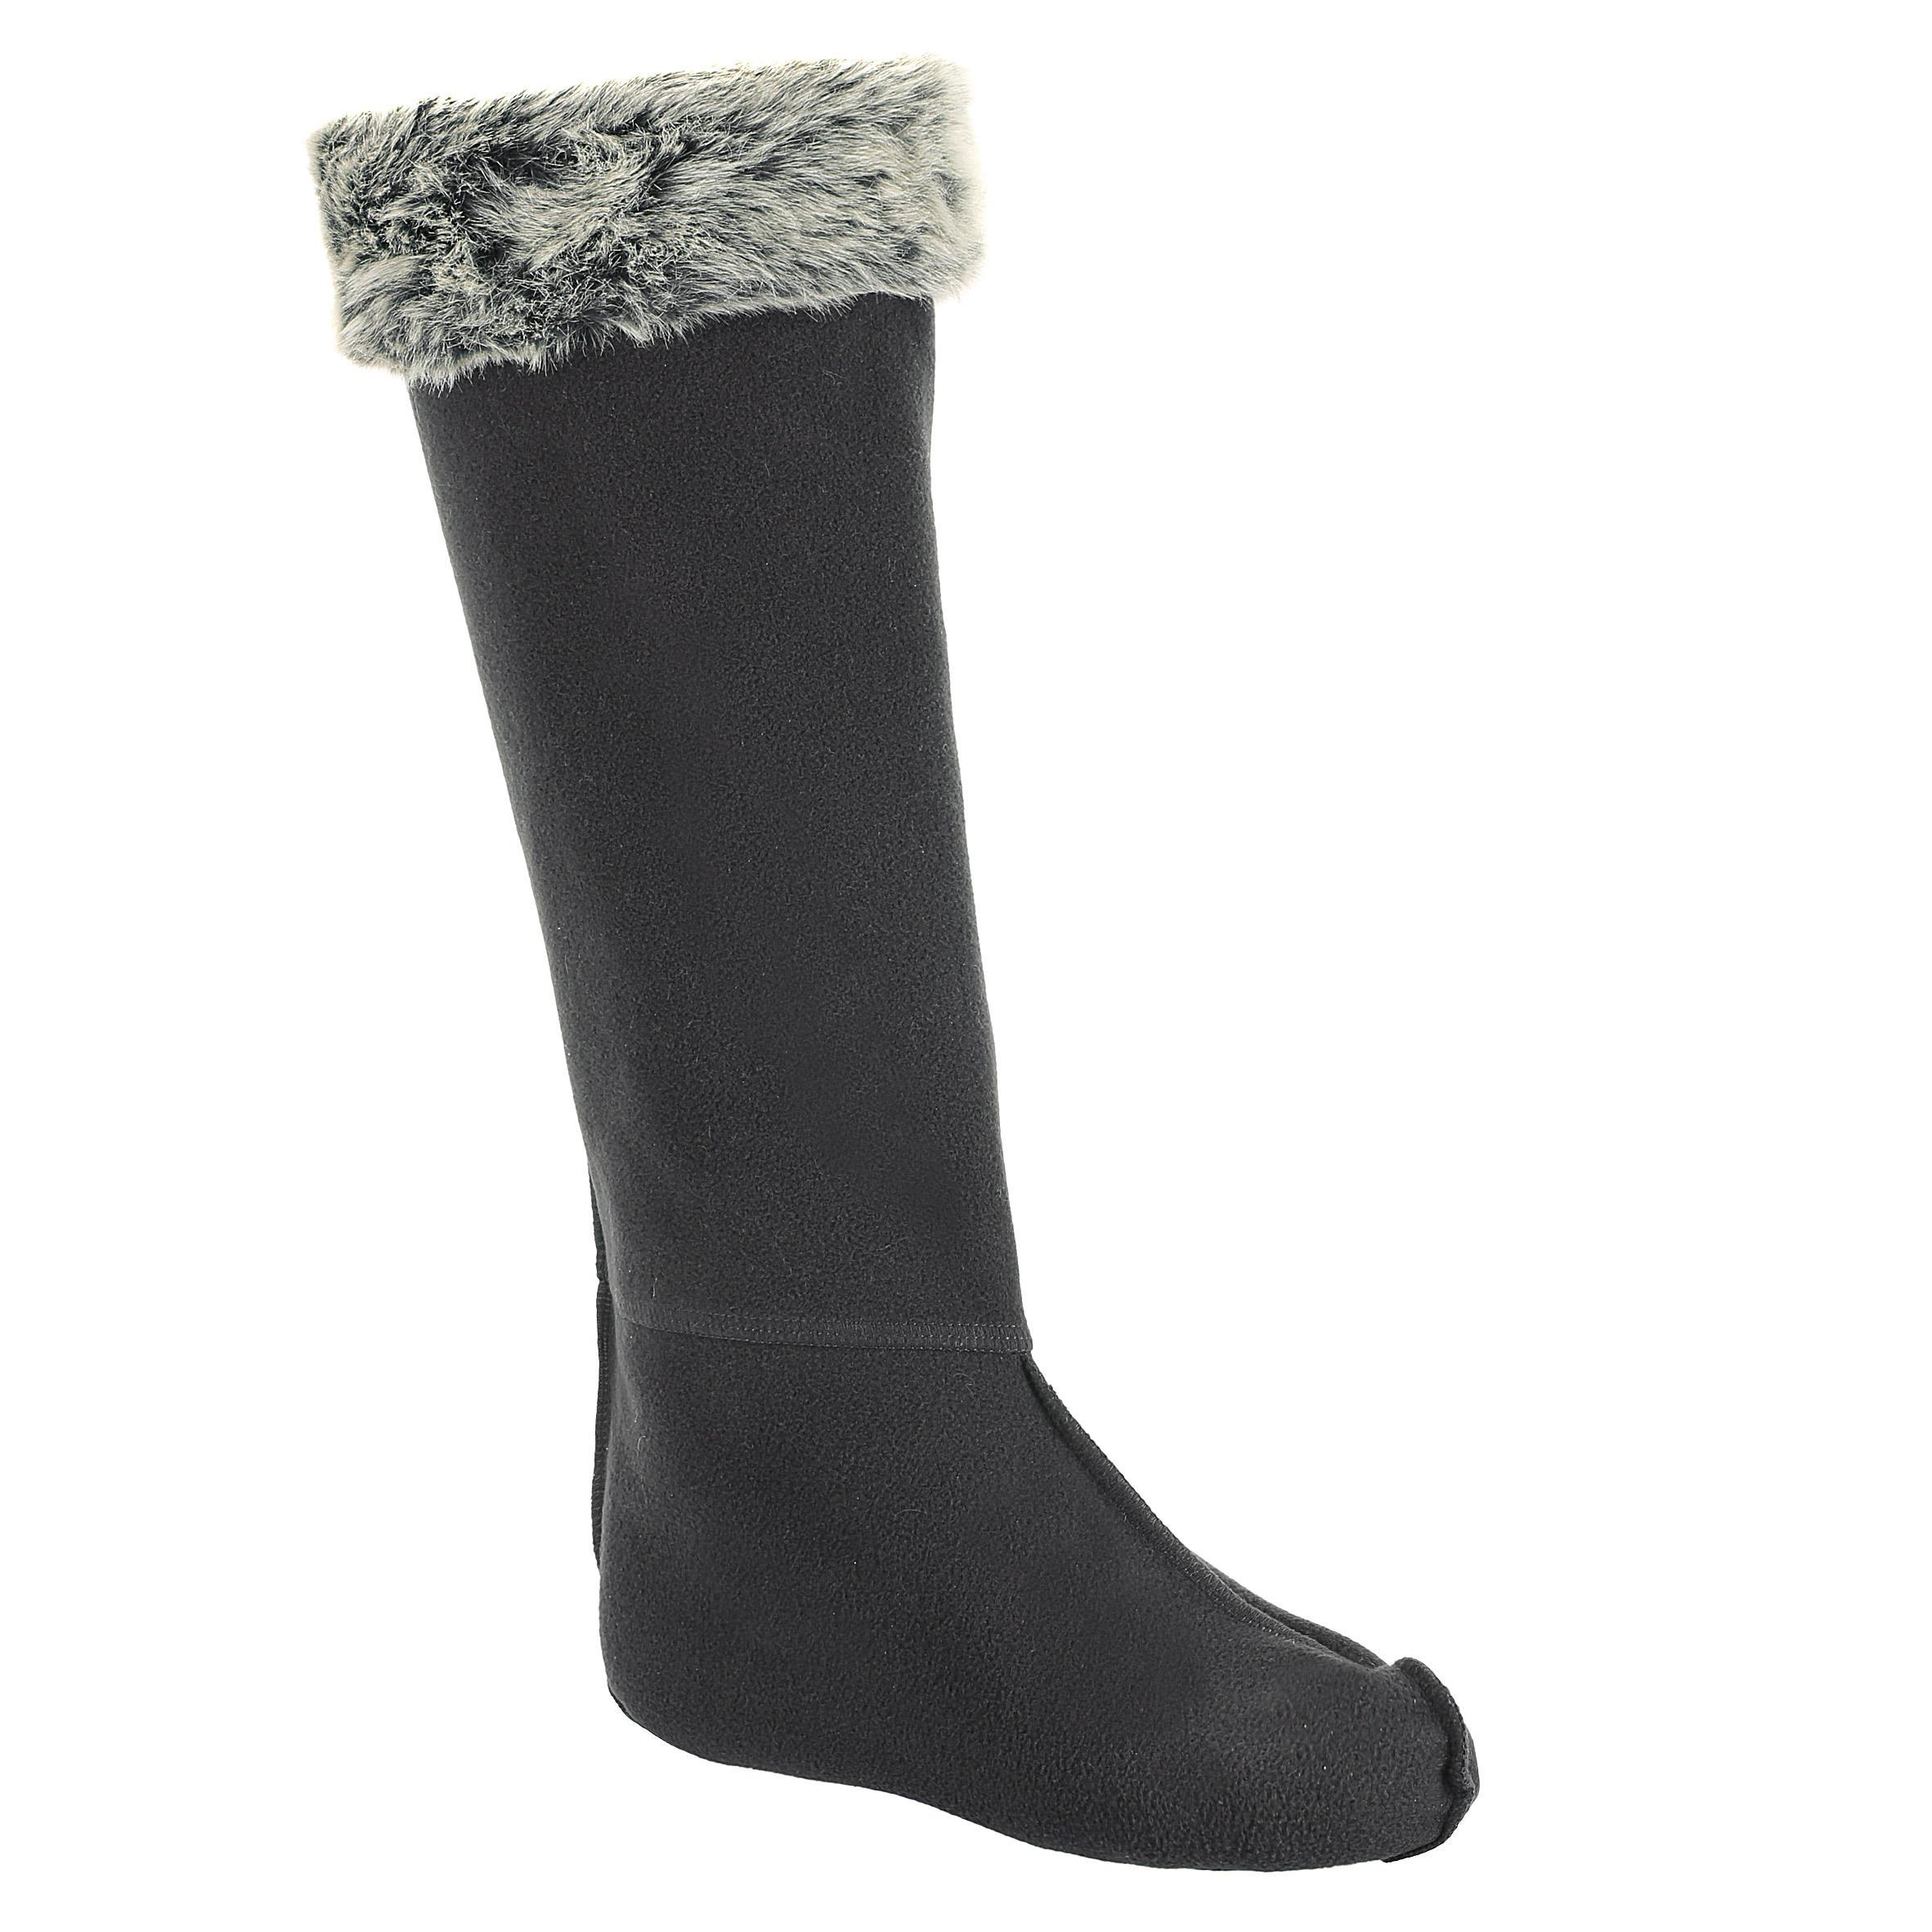 Damen,Herren Winter-Stiefelsocken Fleece Pelzrand Erwachsene   03583788686781